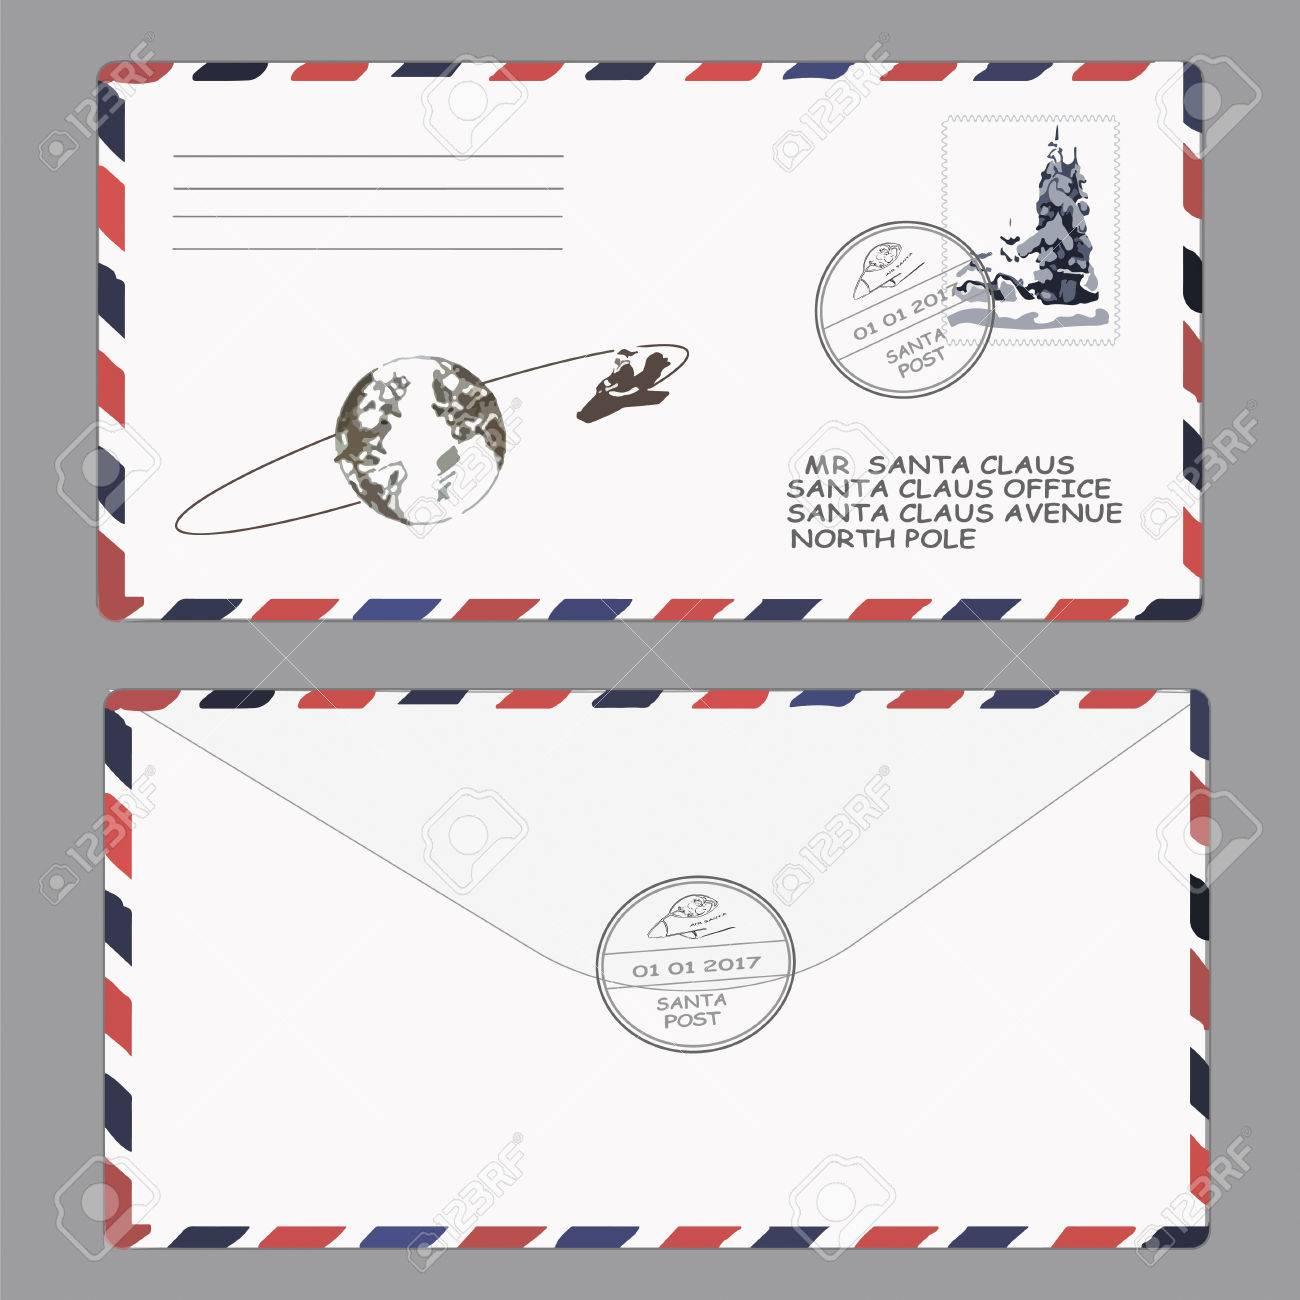 クリスマス新年サンタ クロースへの手紙テンプレート封筒スタンプ